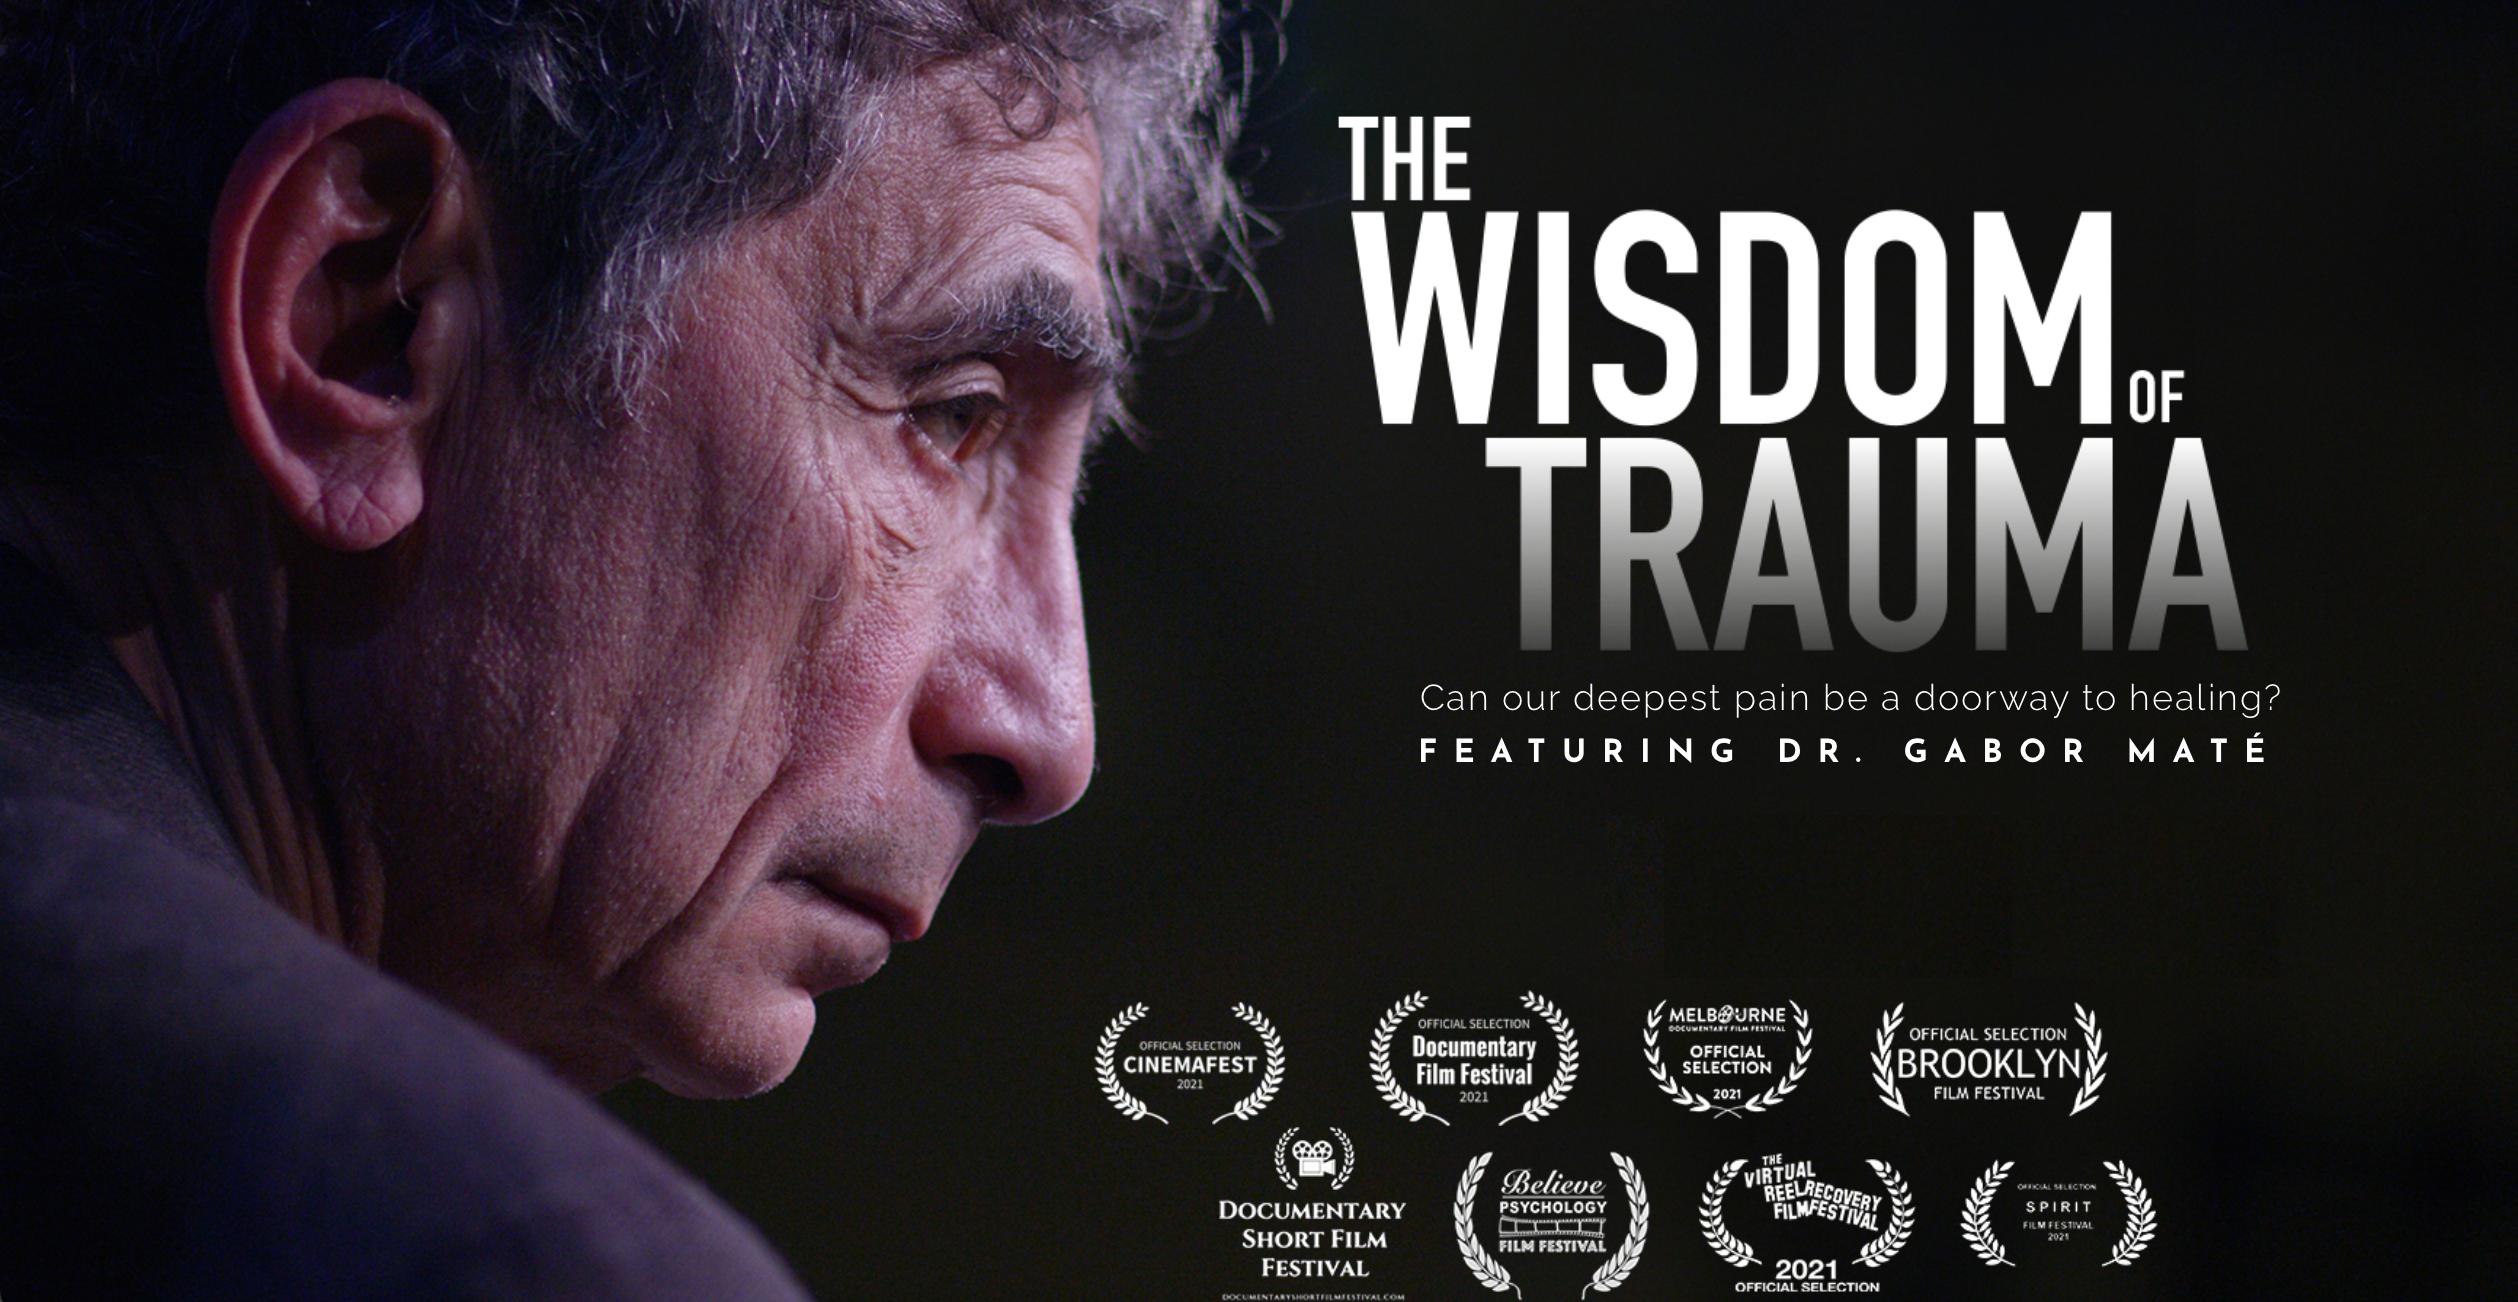 The Wisdom of Trauma Trailer